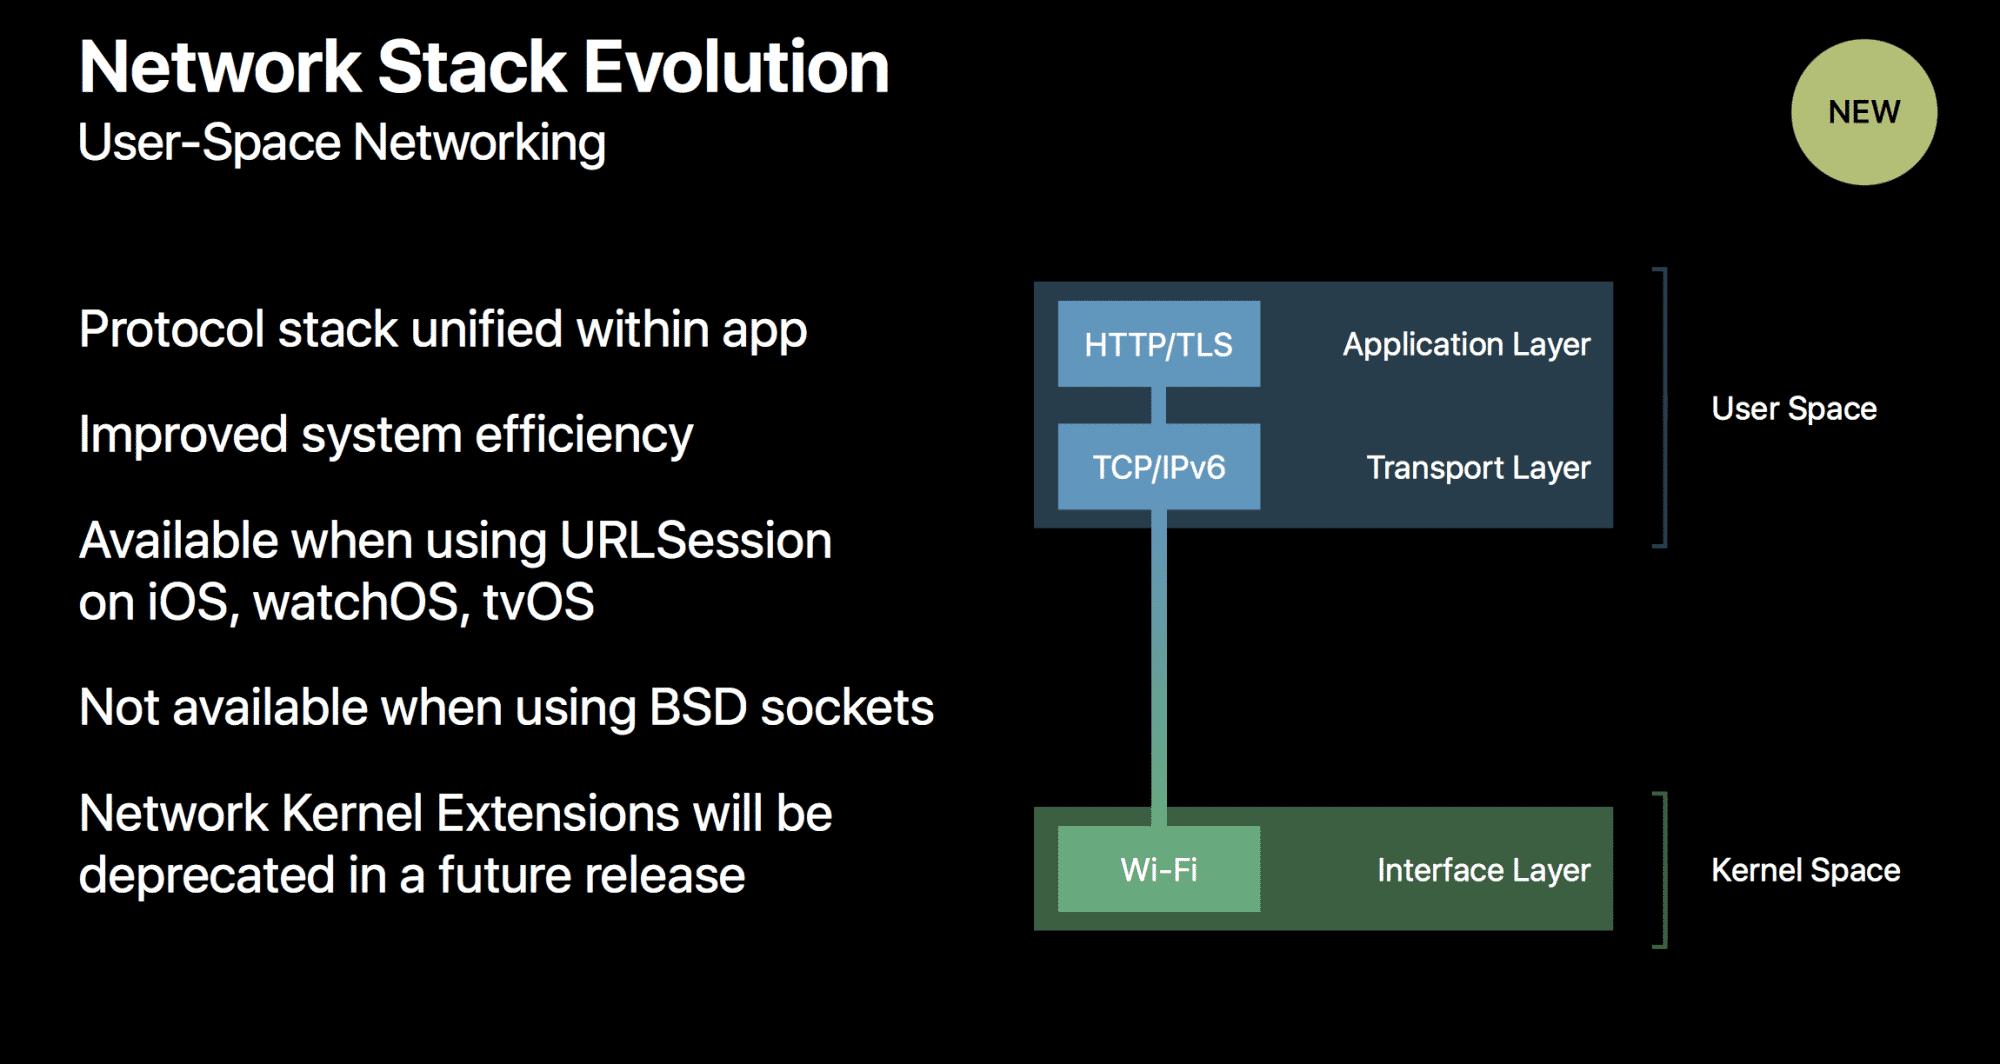 Das Aus für Network Kernel Extensions in macOS erwähnte Apple auf der WWDC –in einem Slide zu Neuerungen von iOS 11.